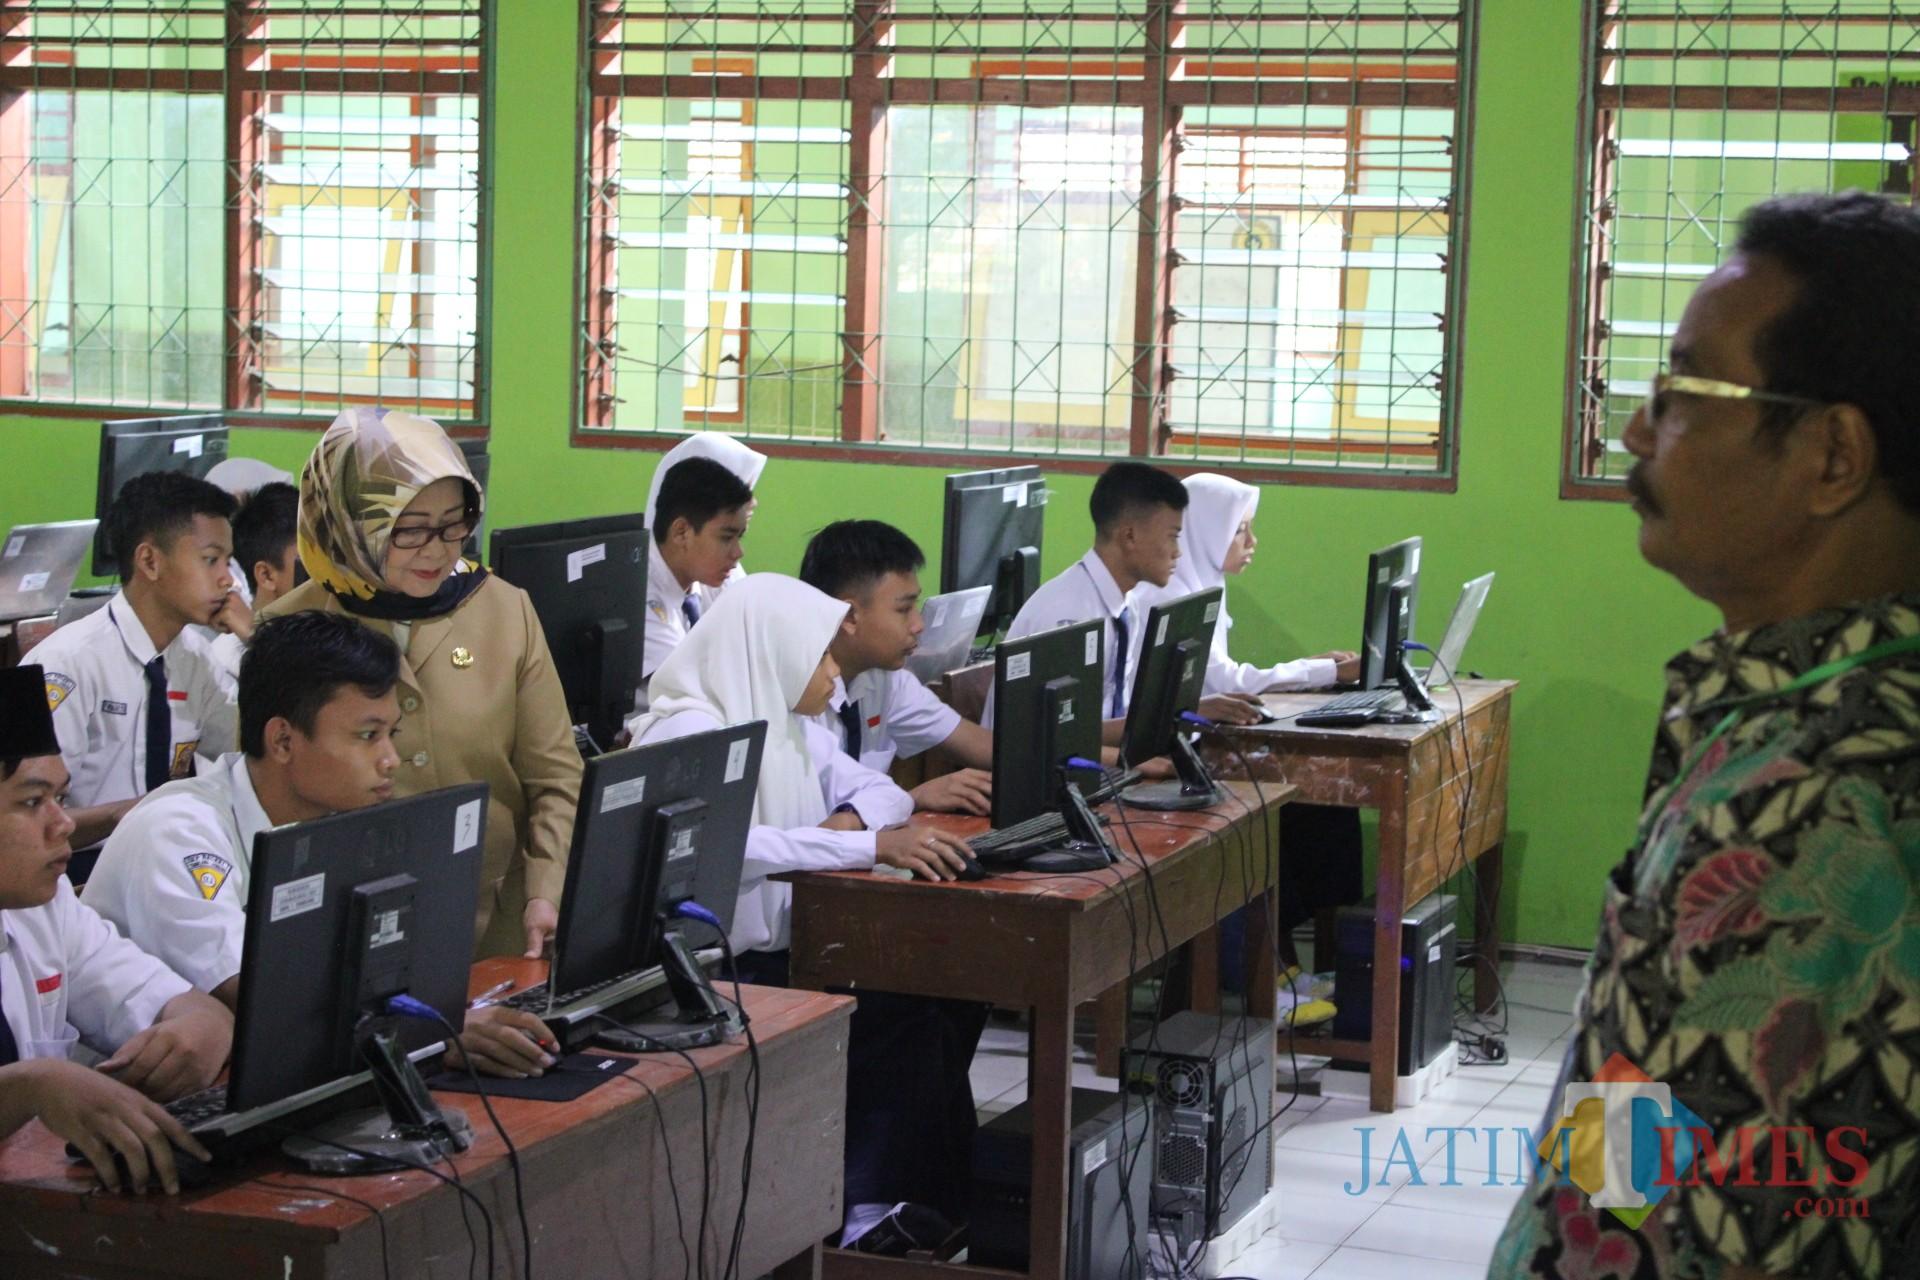 Bupati Jombang Hj Mundjidah Wahab memantau pelaksanaan UNBK tingkat SMP/MTs di SMPN 1 Tembelang. (Foto : Adi Rosul / JombangTIMES)